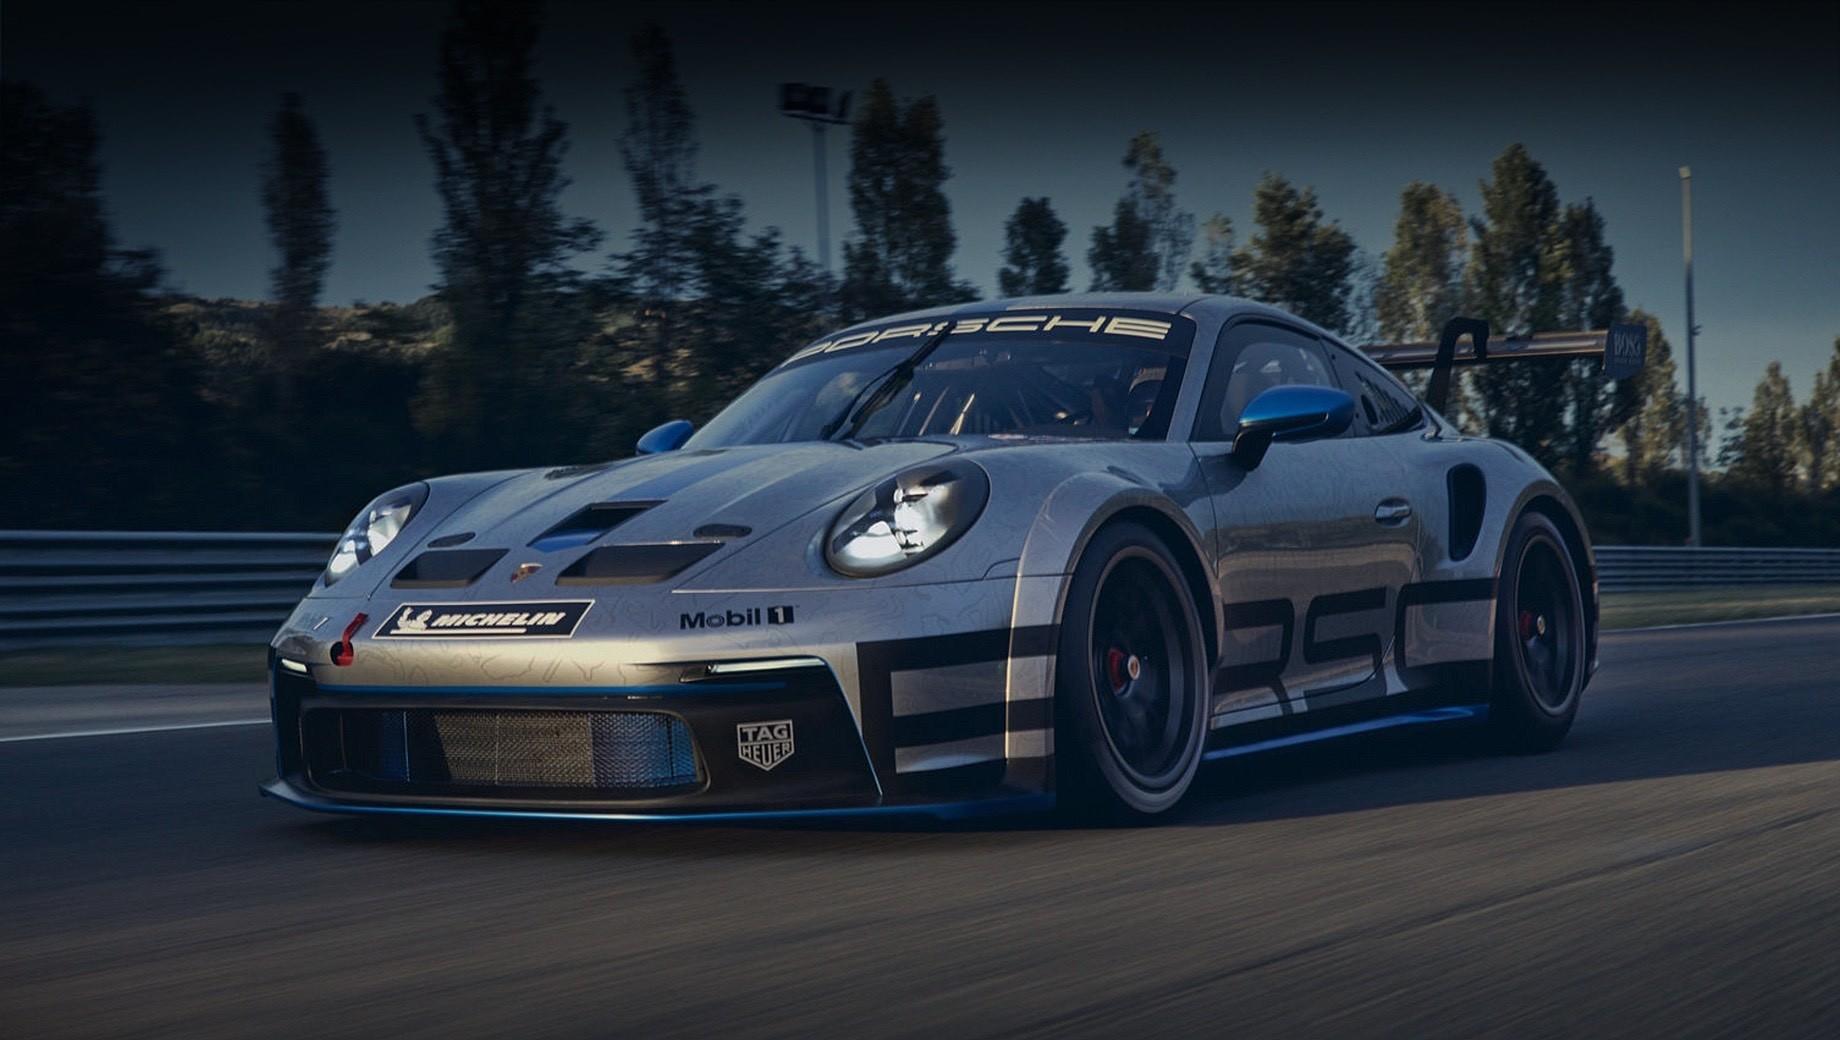 Porsche 911 gt3,Porsche 911 gt3 cup. Porsche 911 GT3 Cup продаётся за 225 тысяч евро. Первое плановое обслуживание шестицилиндрового мотора должно случиться через 100 моточасов на треке, а у коробки передач ― через 60 моточасов. Между прочим, это два года езды в Porsche Mobil 1 Supercup без внимания к силовому агрегату.